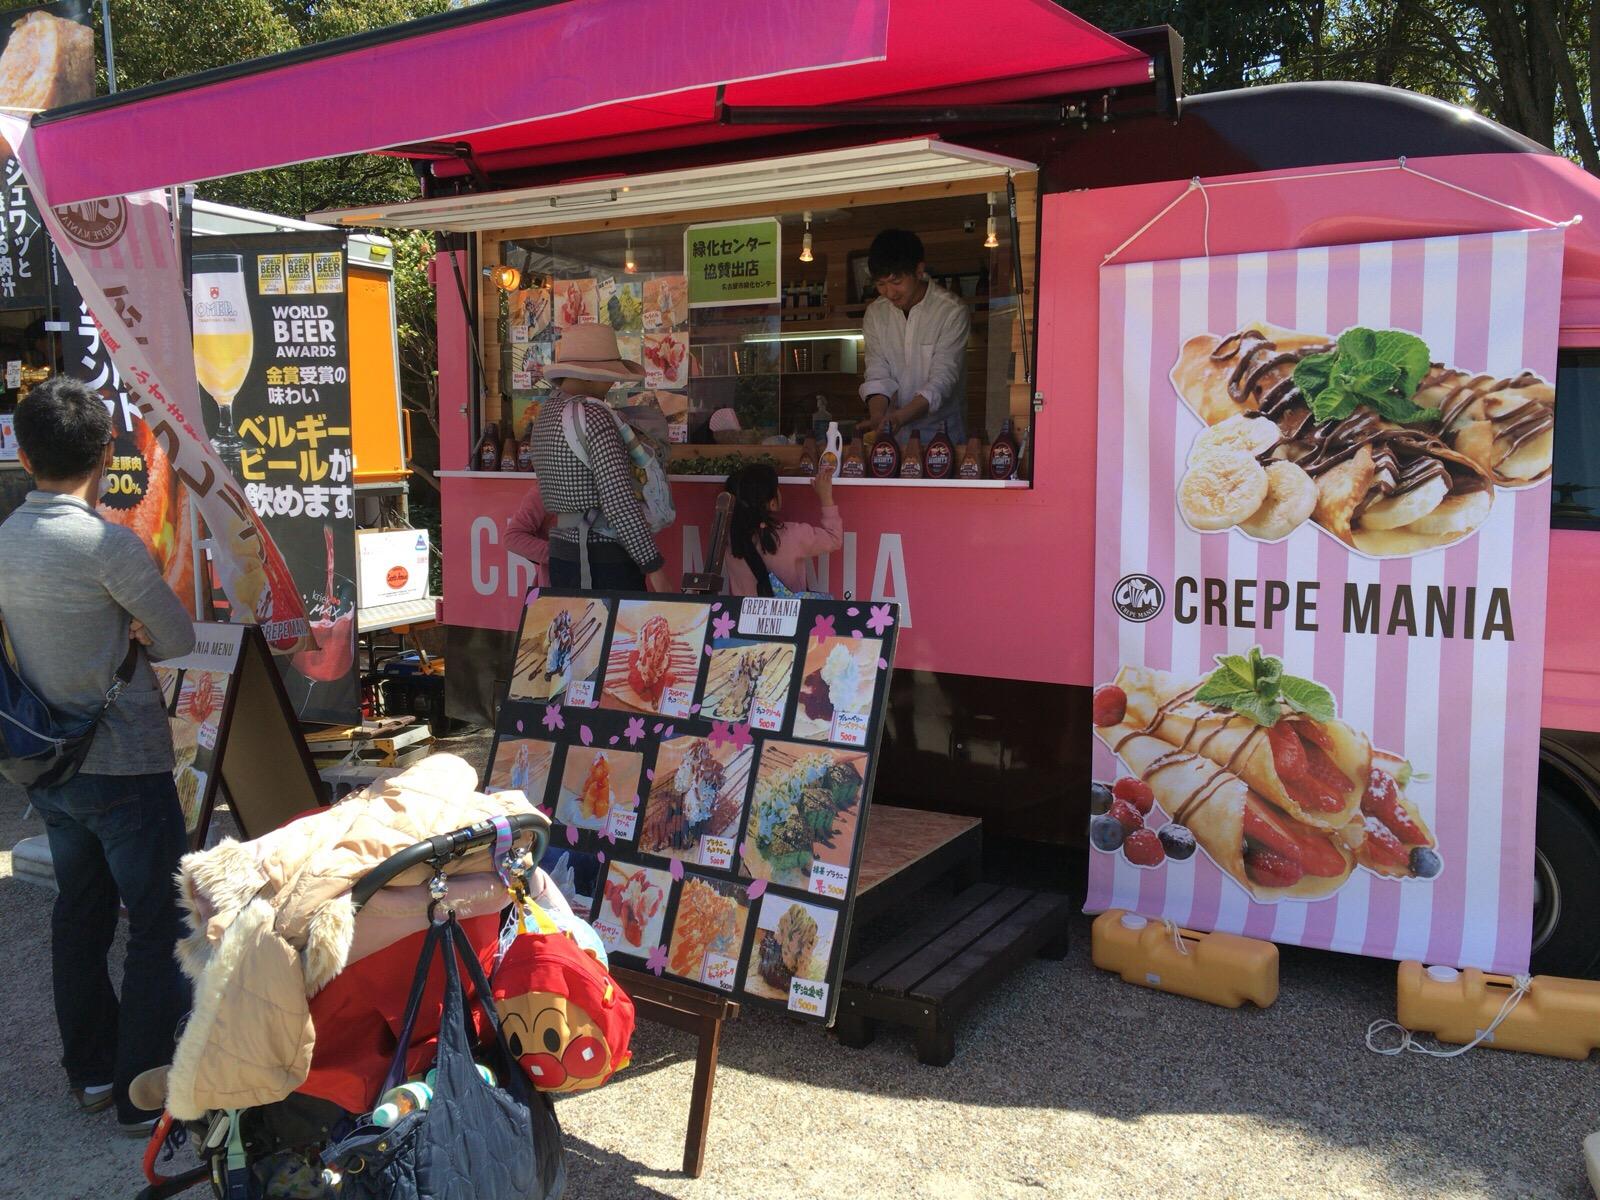 鶴舞公園桜祭り2日目〜3日目